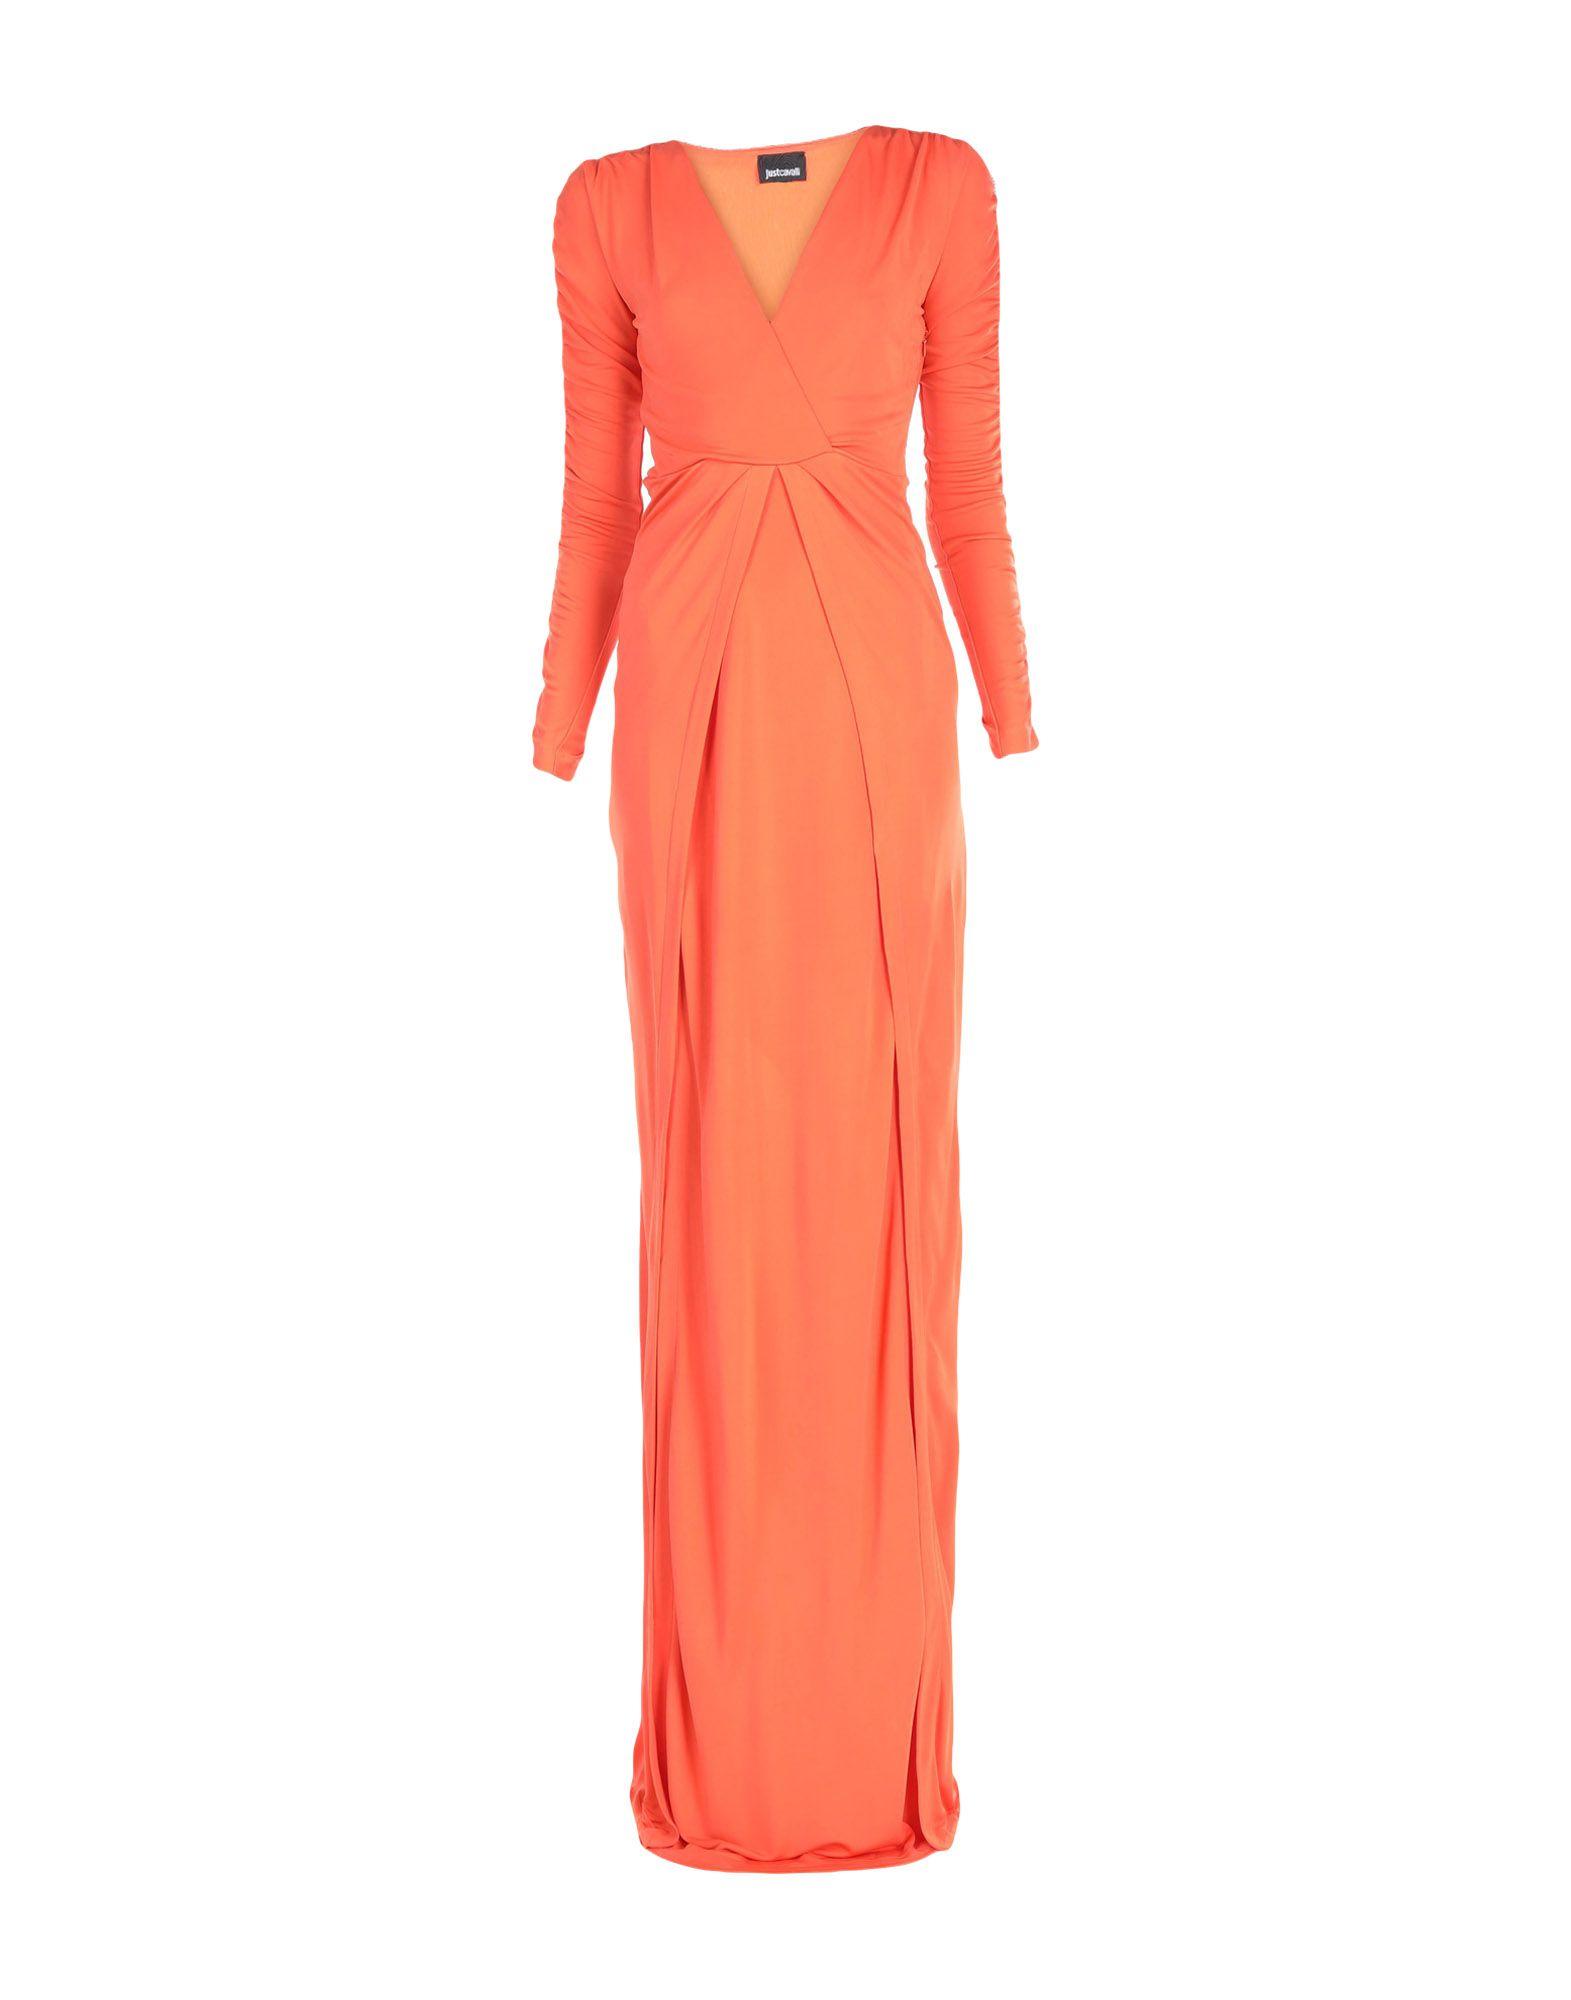 Длинное платье  Оранжевый,Черный цвета